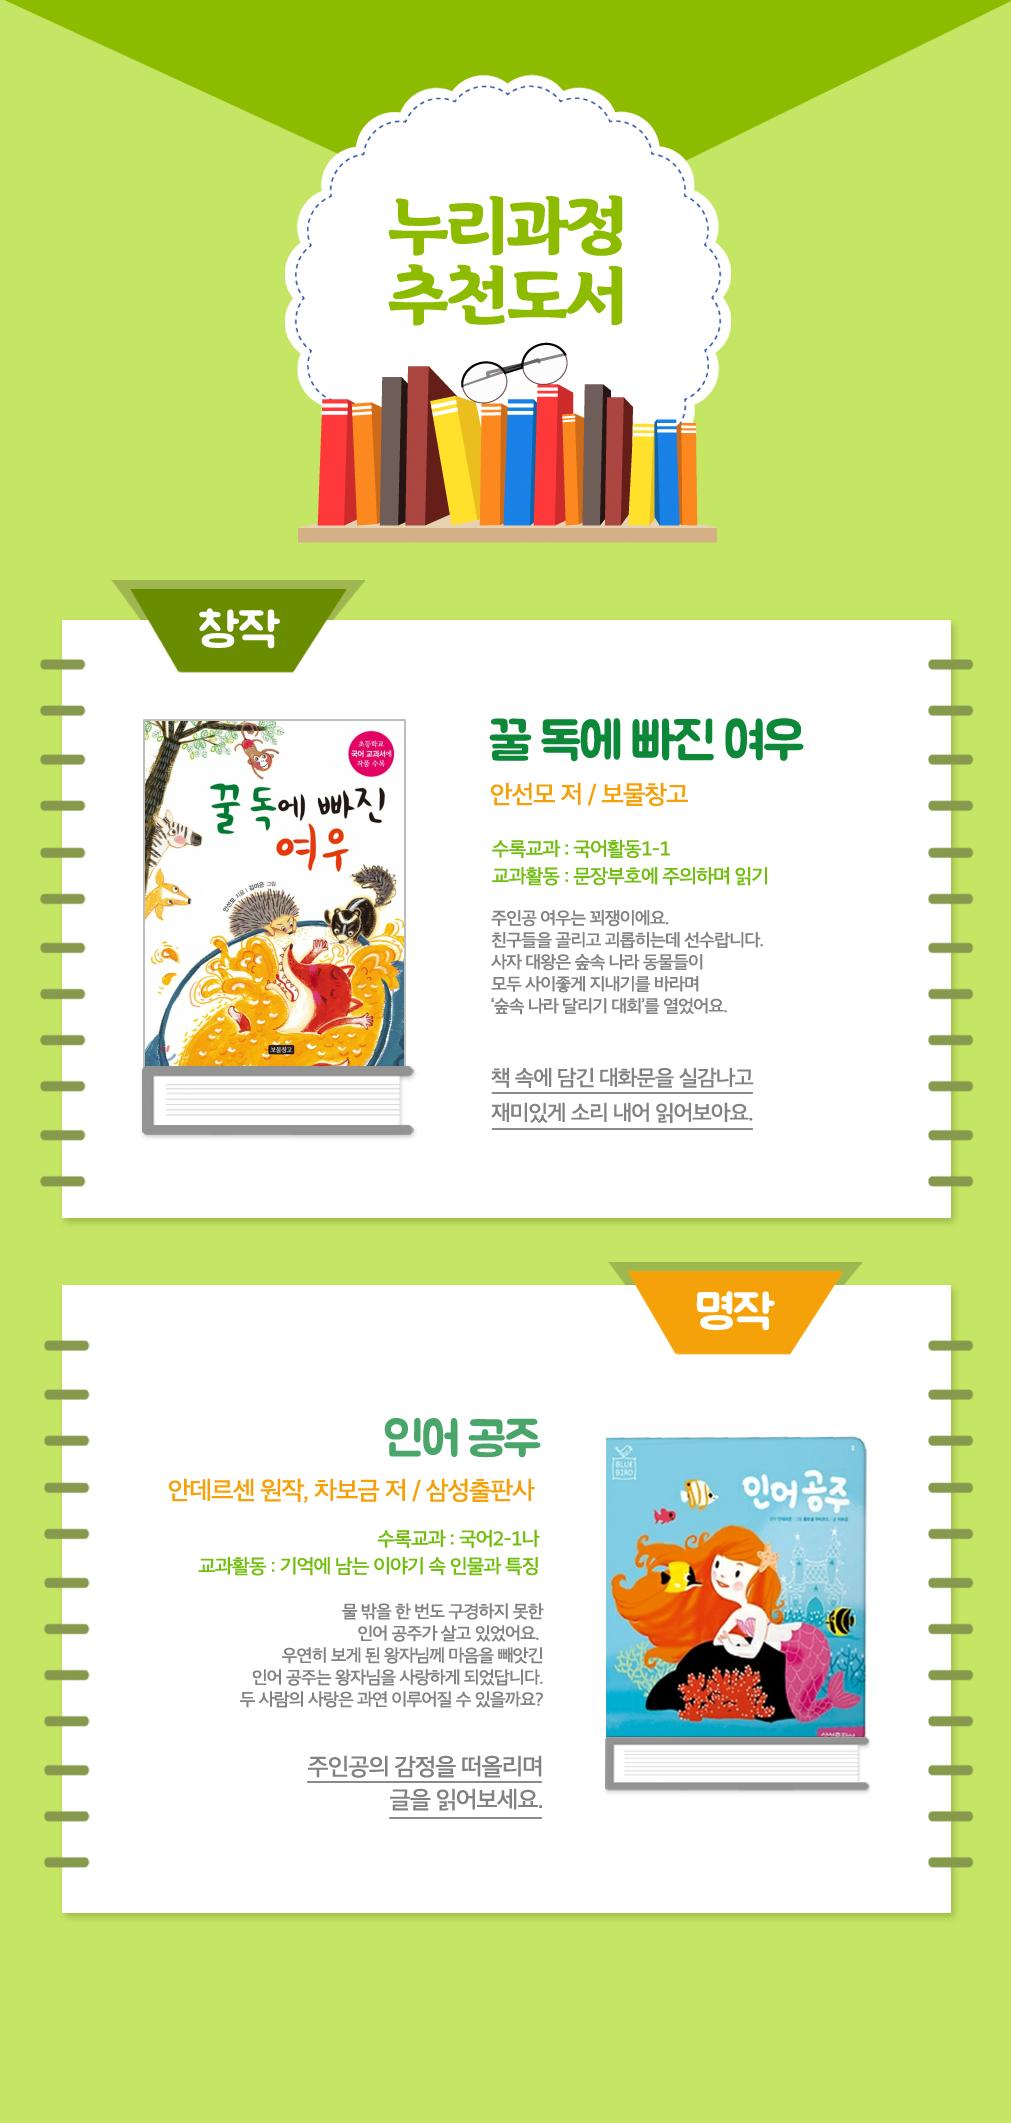 2월 학년별 독서활동